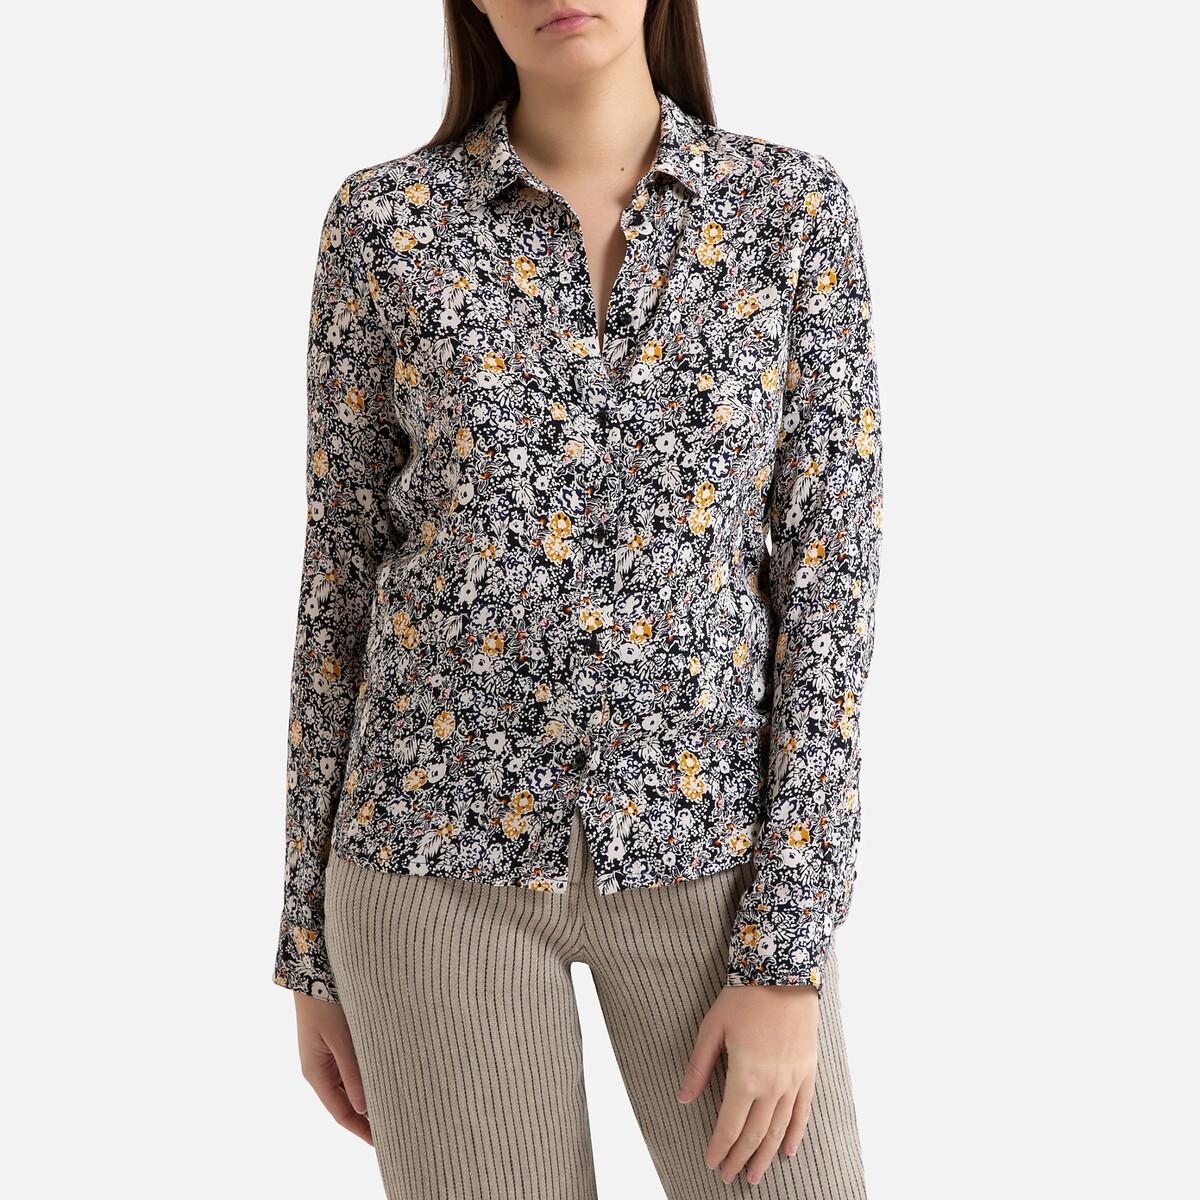 Фото - Блузка LaRedoute С рисунком и длинными рукавами MISIA S синий блузка с рисунком и длинными рукавами для периода беременности